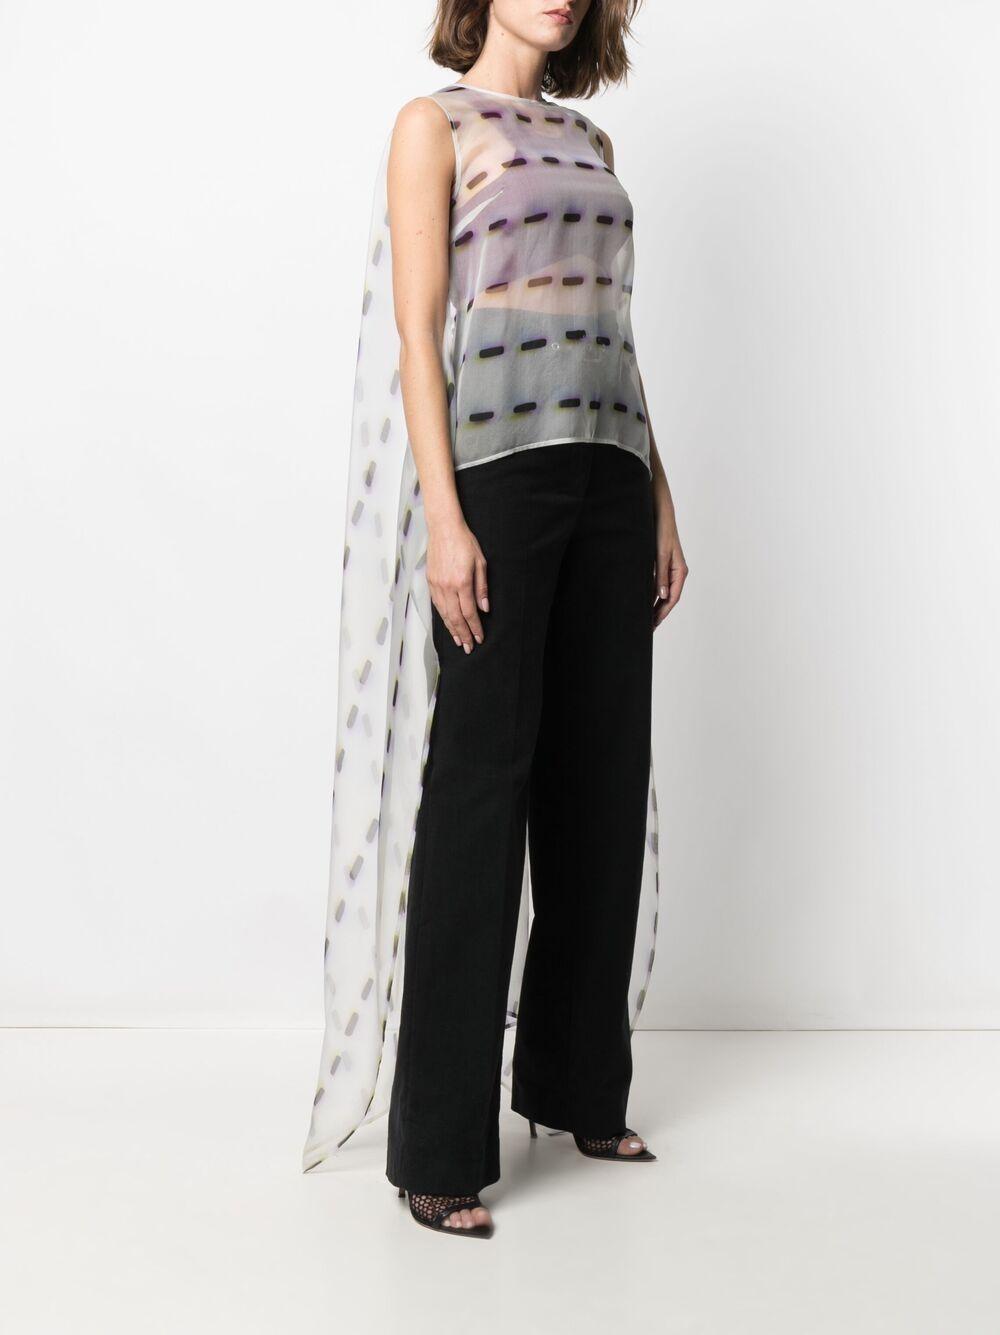 silk Cascade semi-sheer tail blouse  DRIES VAN NOTEN |  | CASCADE-2085-10744001